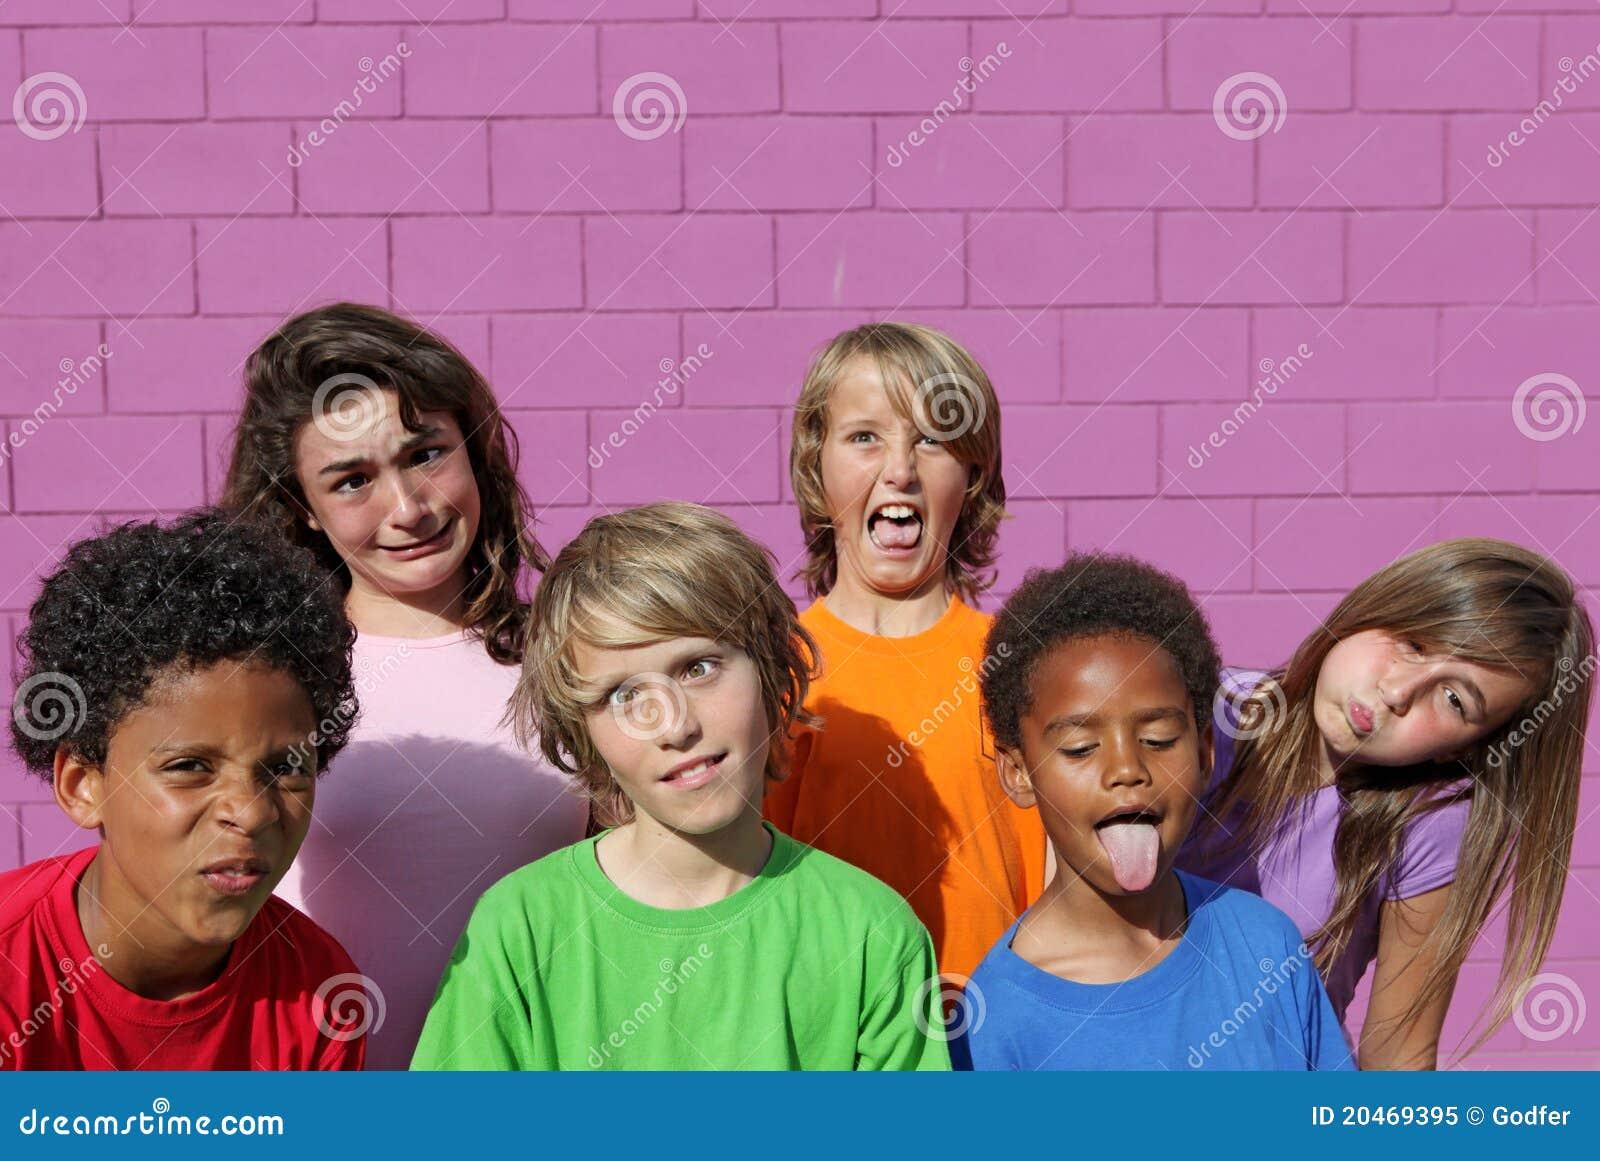 Crianças engraçadas da face